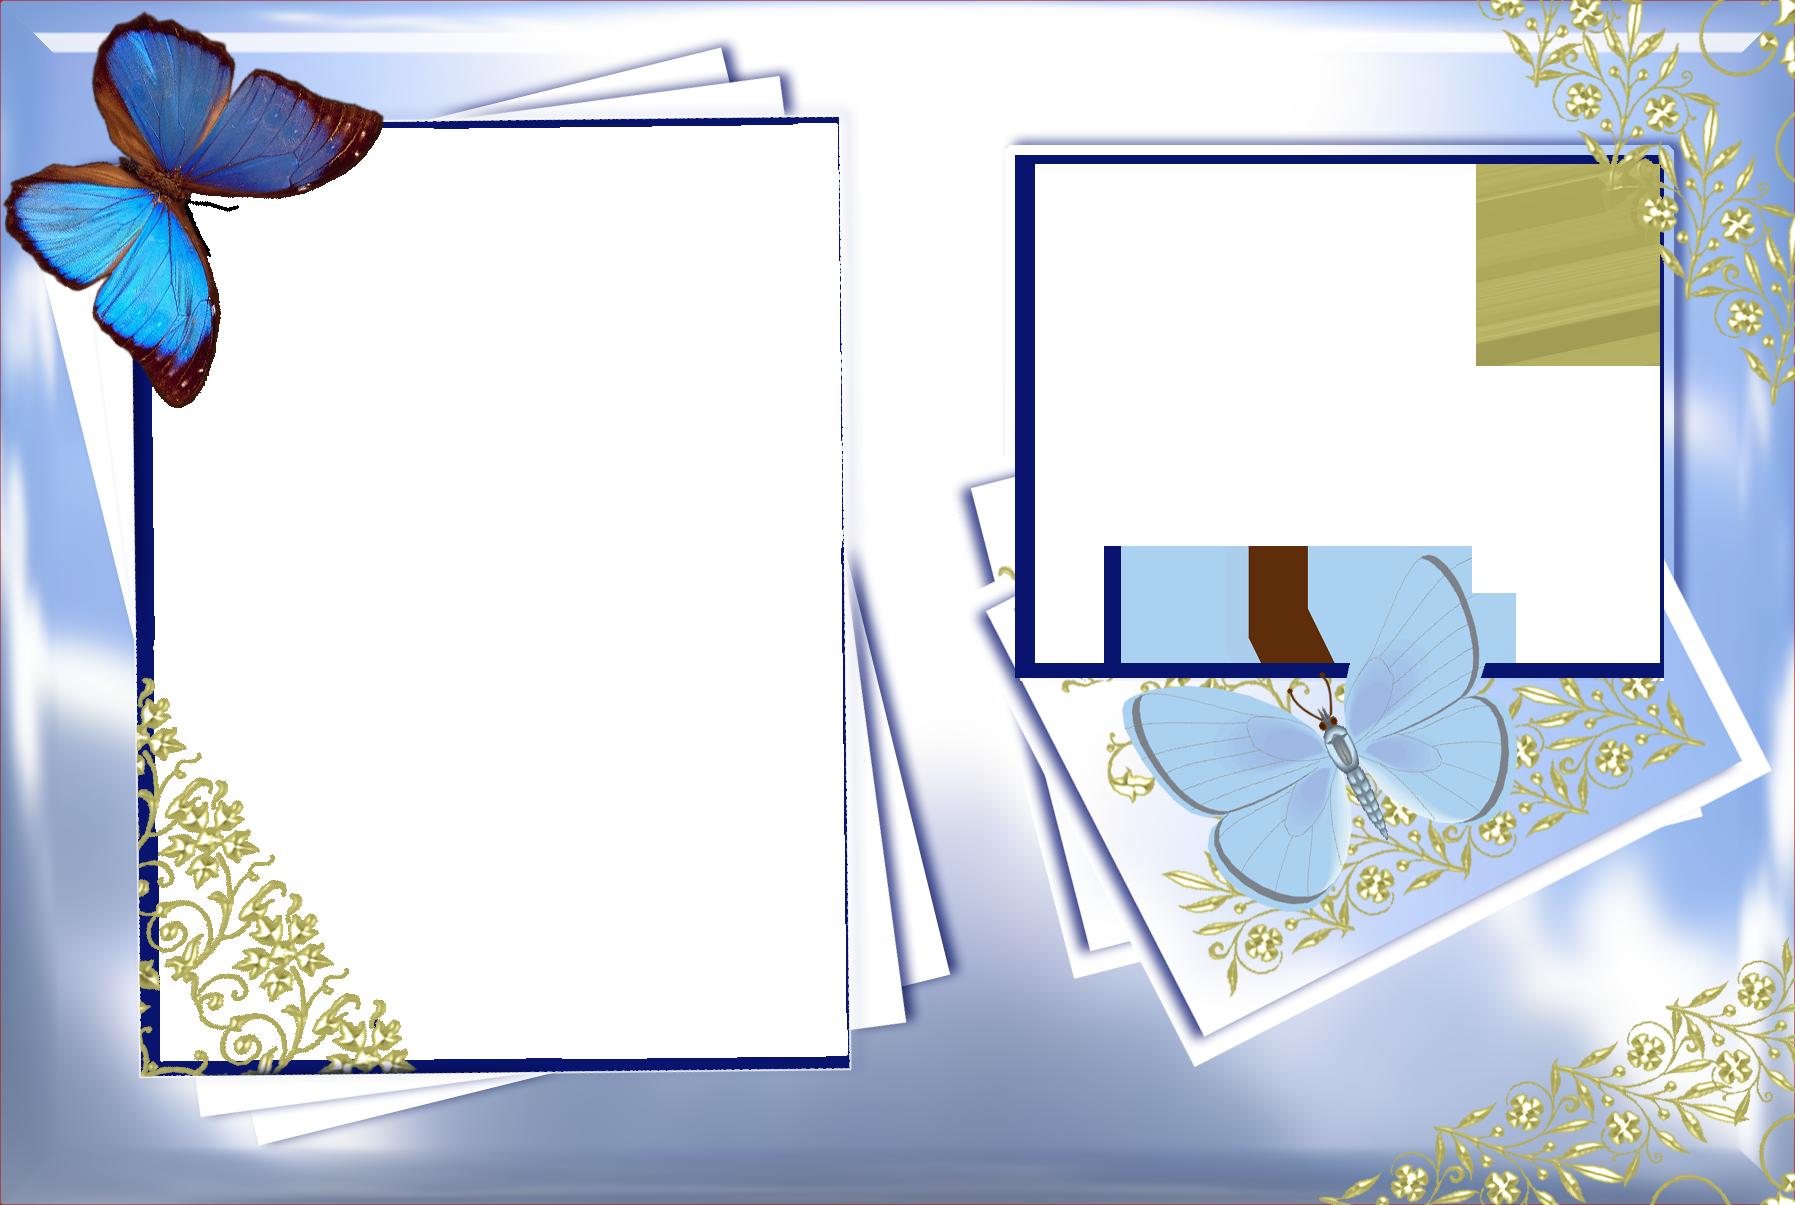 Фон для открытки с рамками, надписью деревня открытки